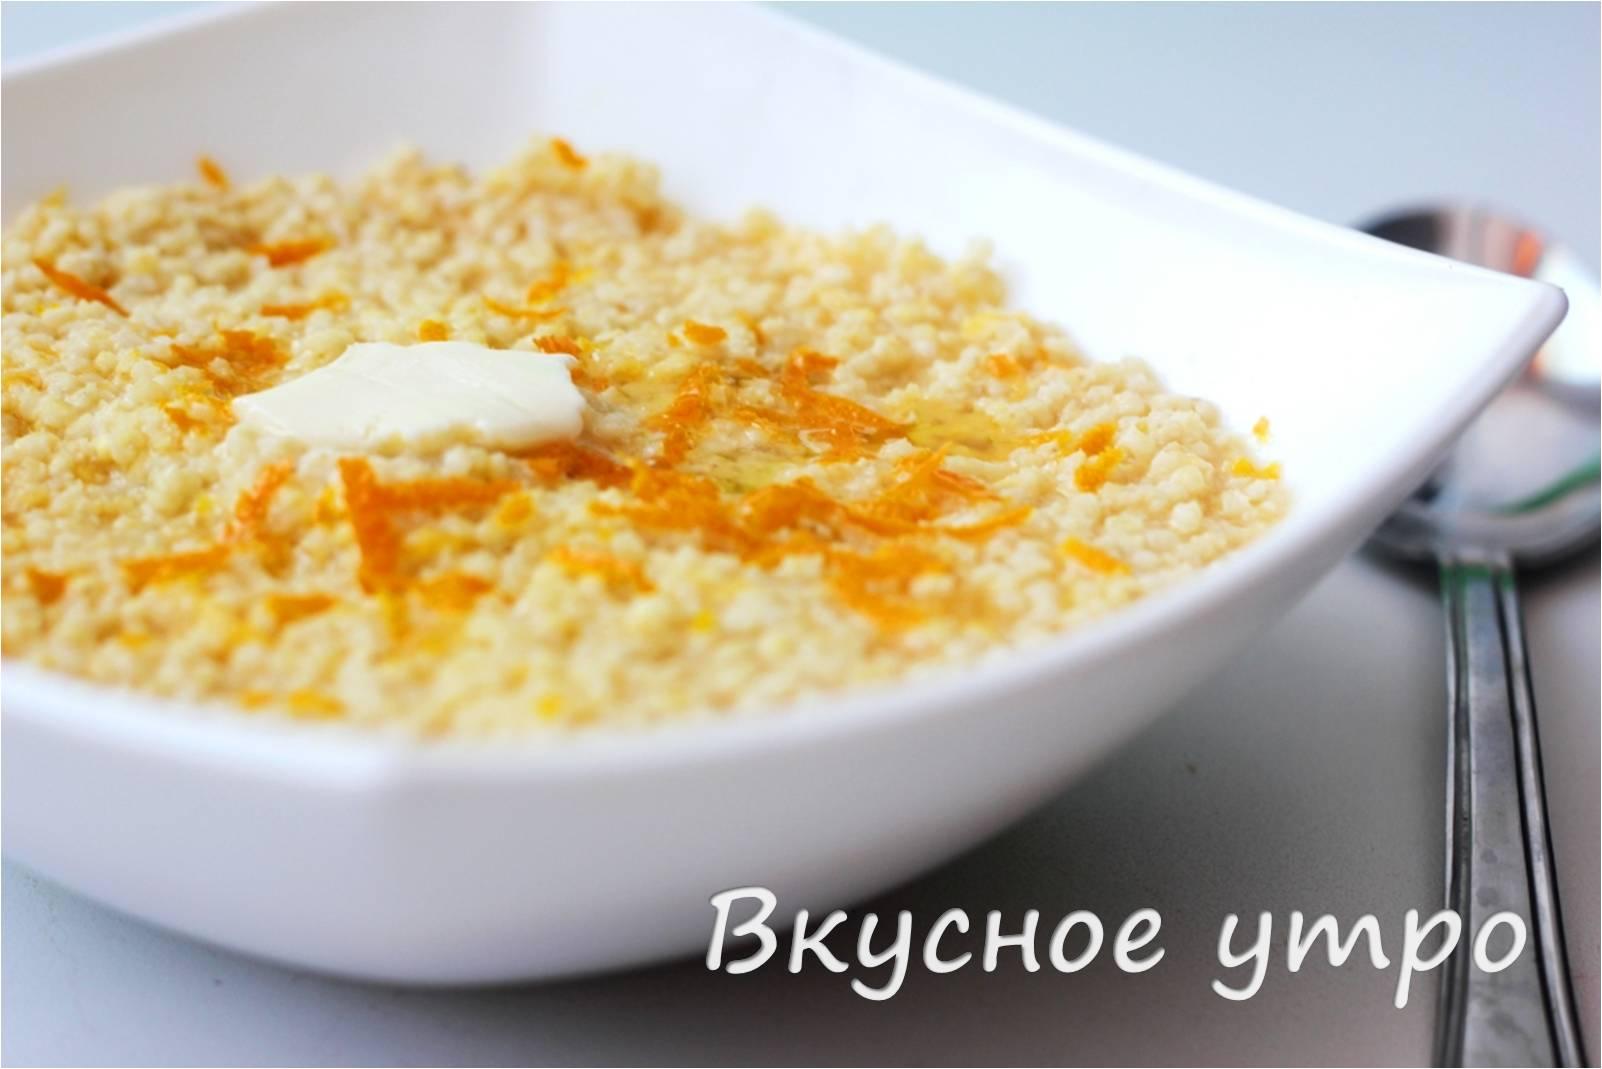 Пшенная каша на молоке рецепт Как варить - YouTube